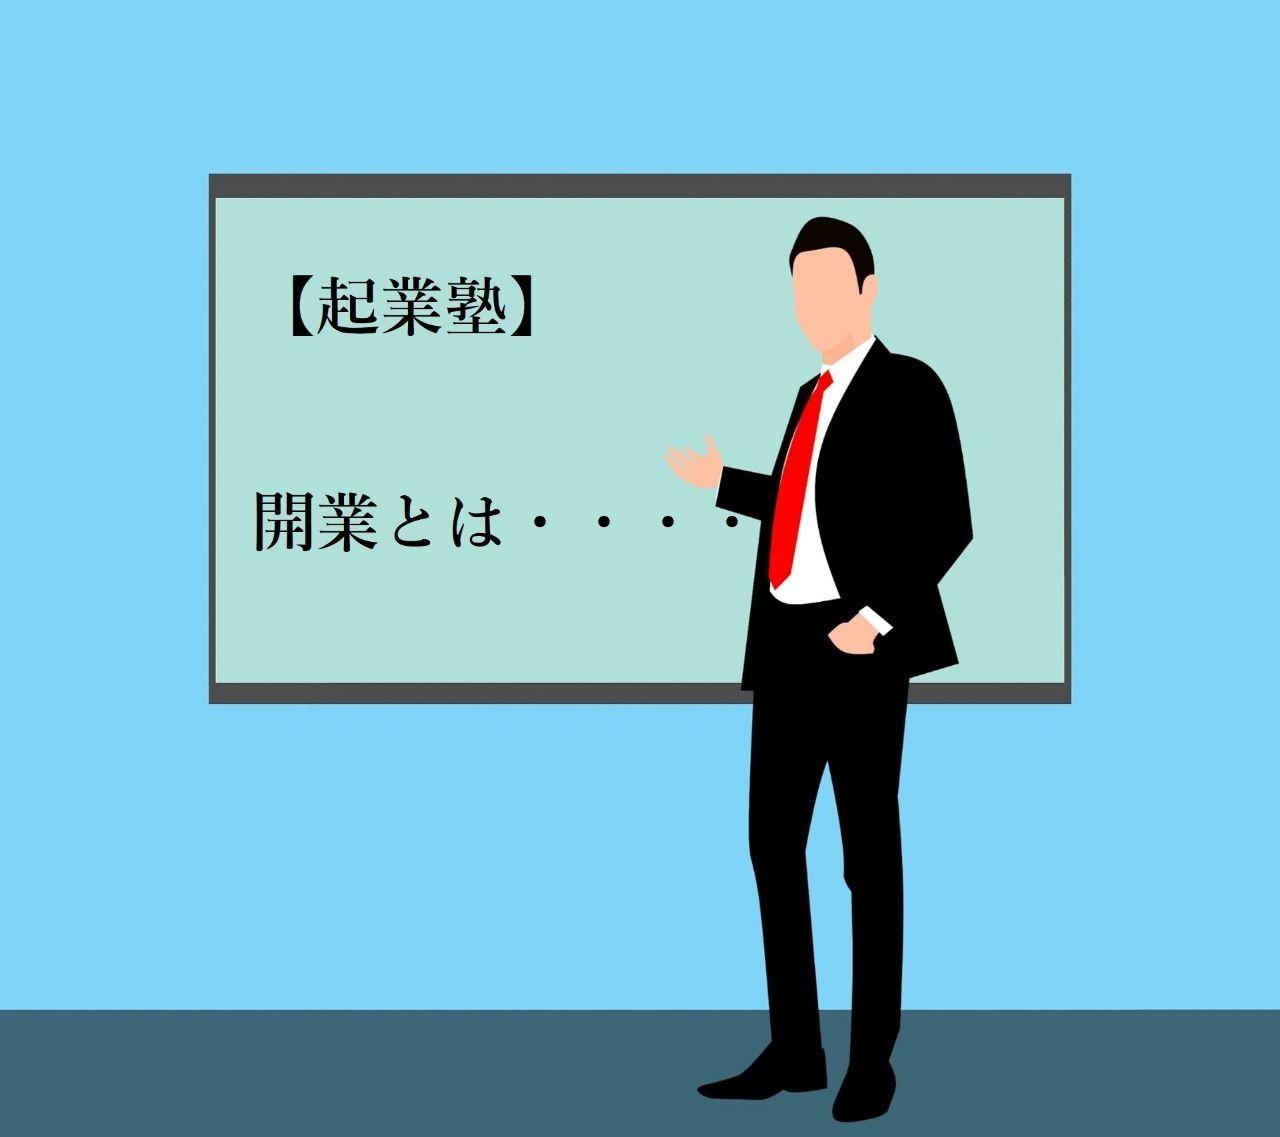 起業塾では、開業までの準備から開業後の注意点までを身につけることができます。